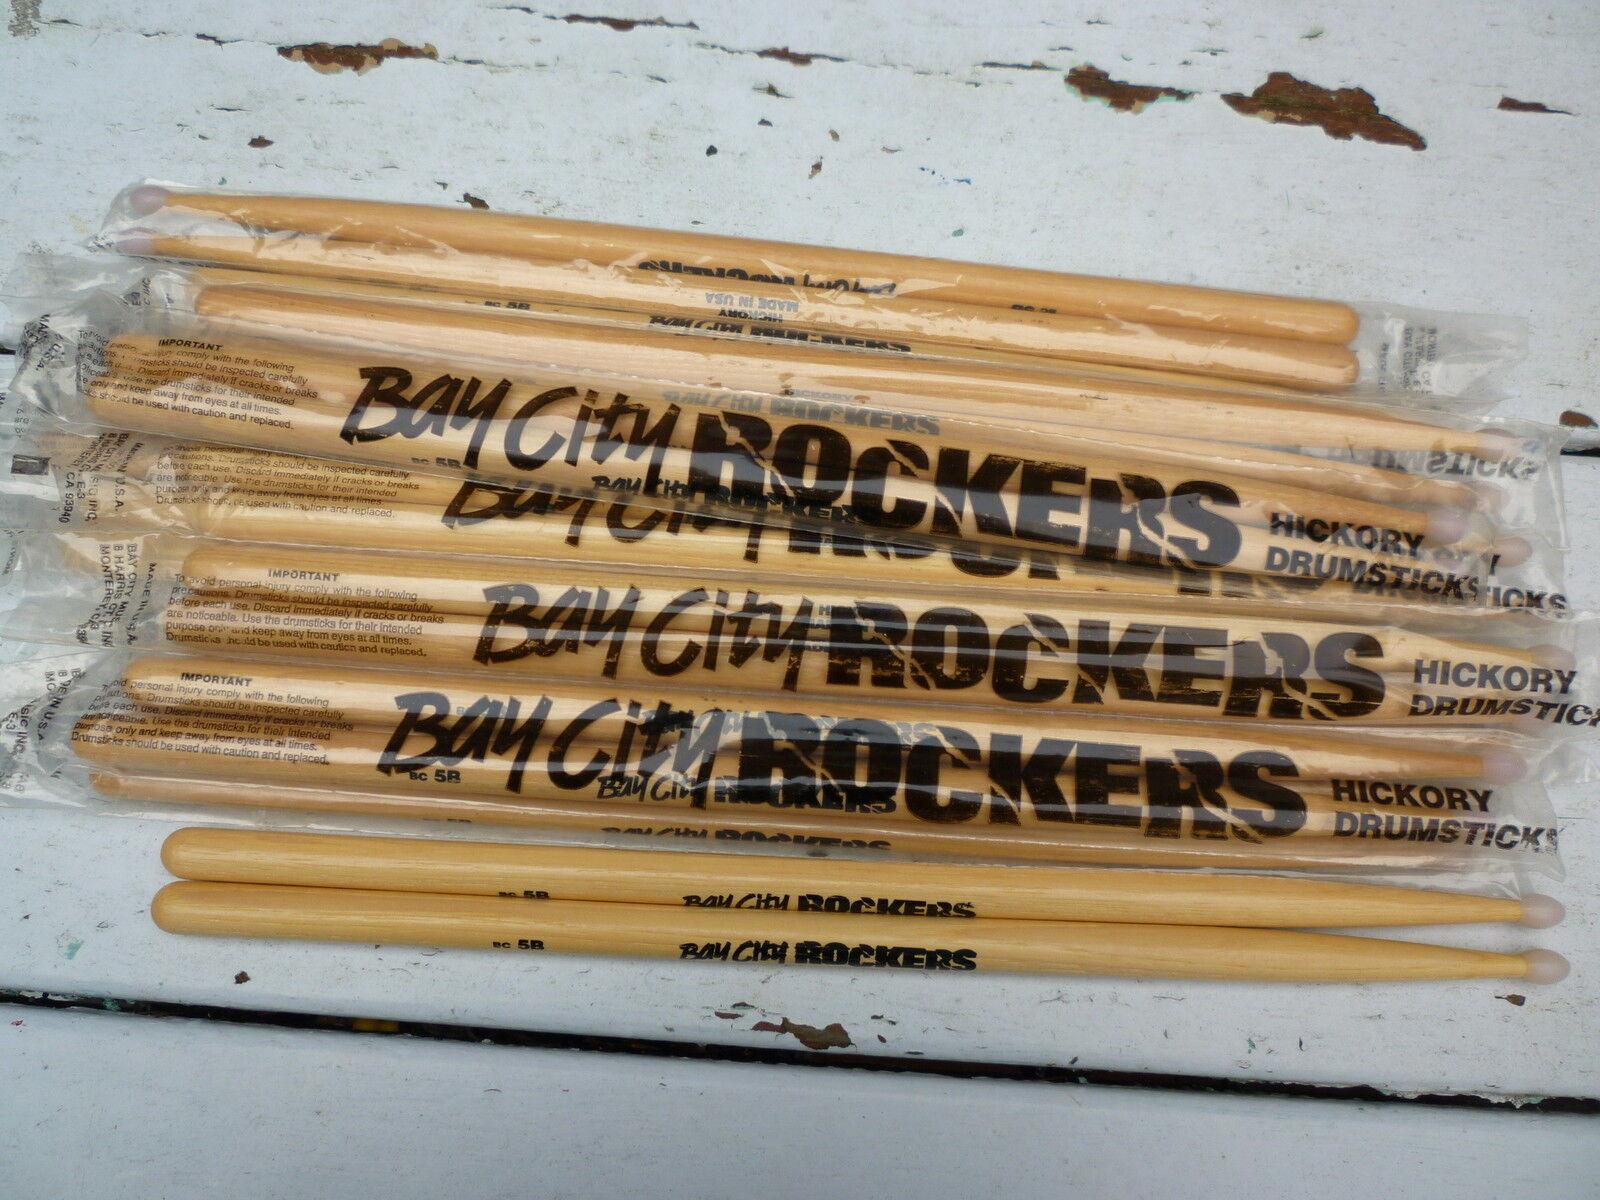 Bay City BC 5B Nylon Hickory made in the USA Rockers